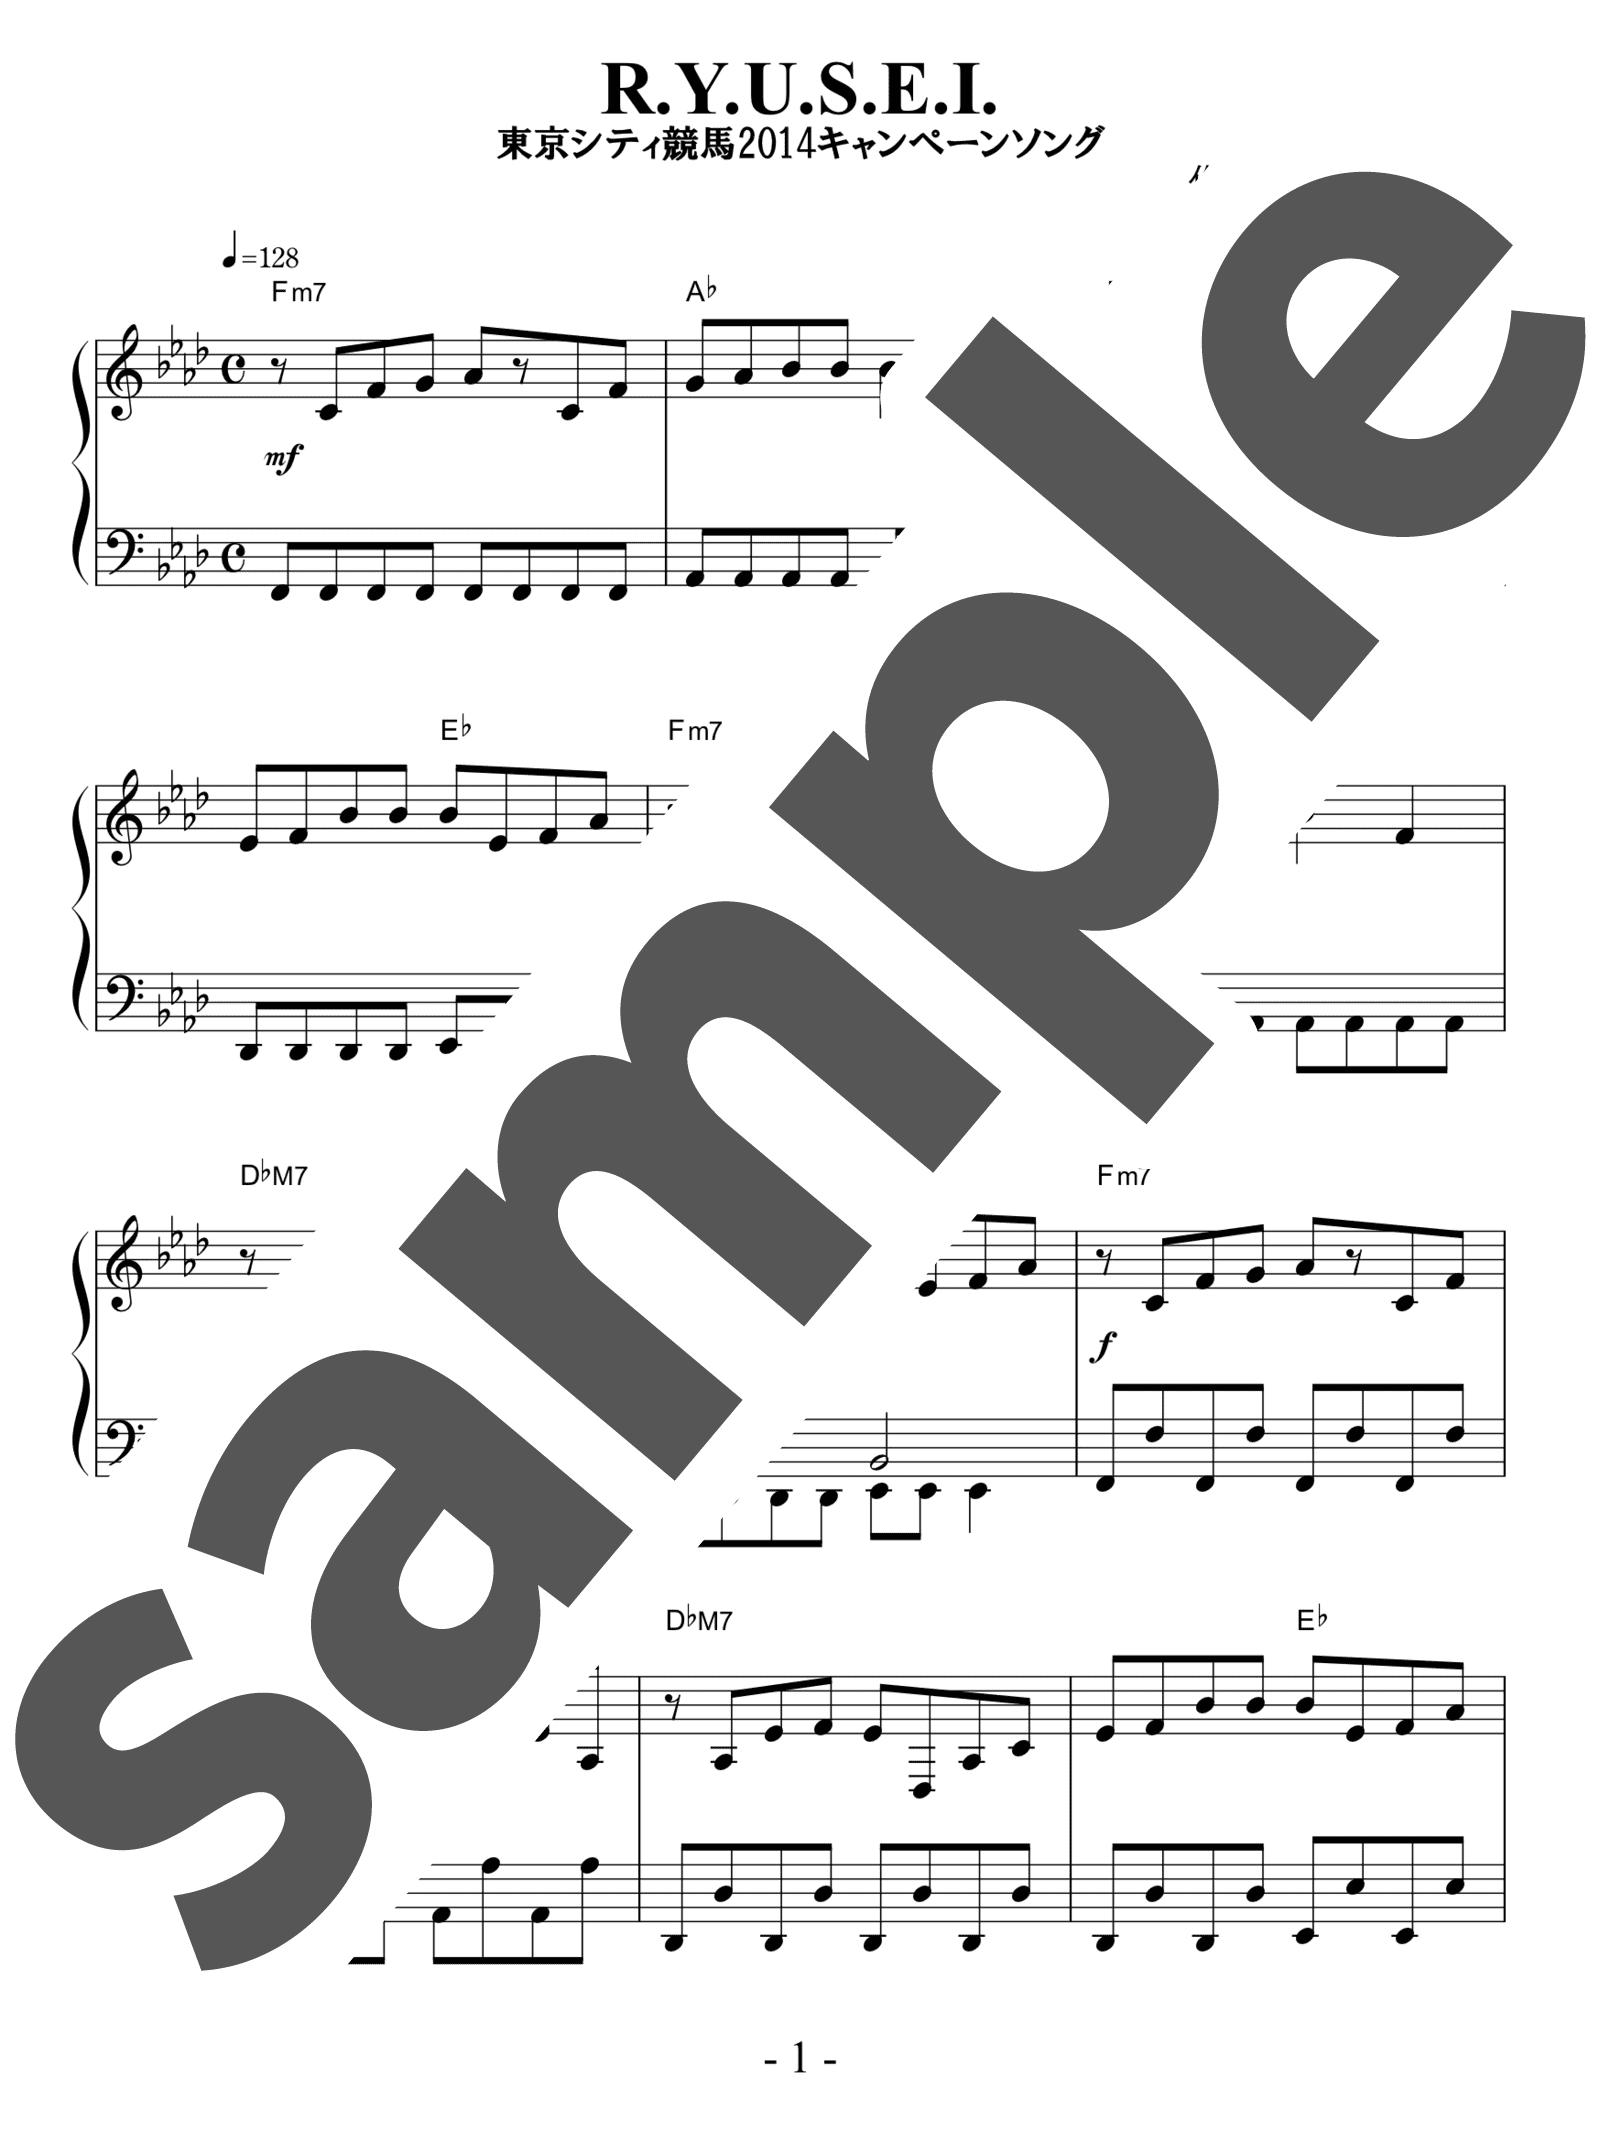 「R.Y.U.S.E.I.」のサンプル楽譜